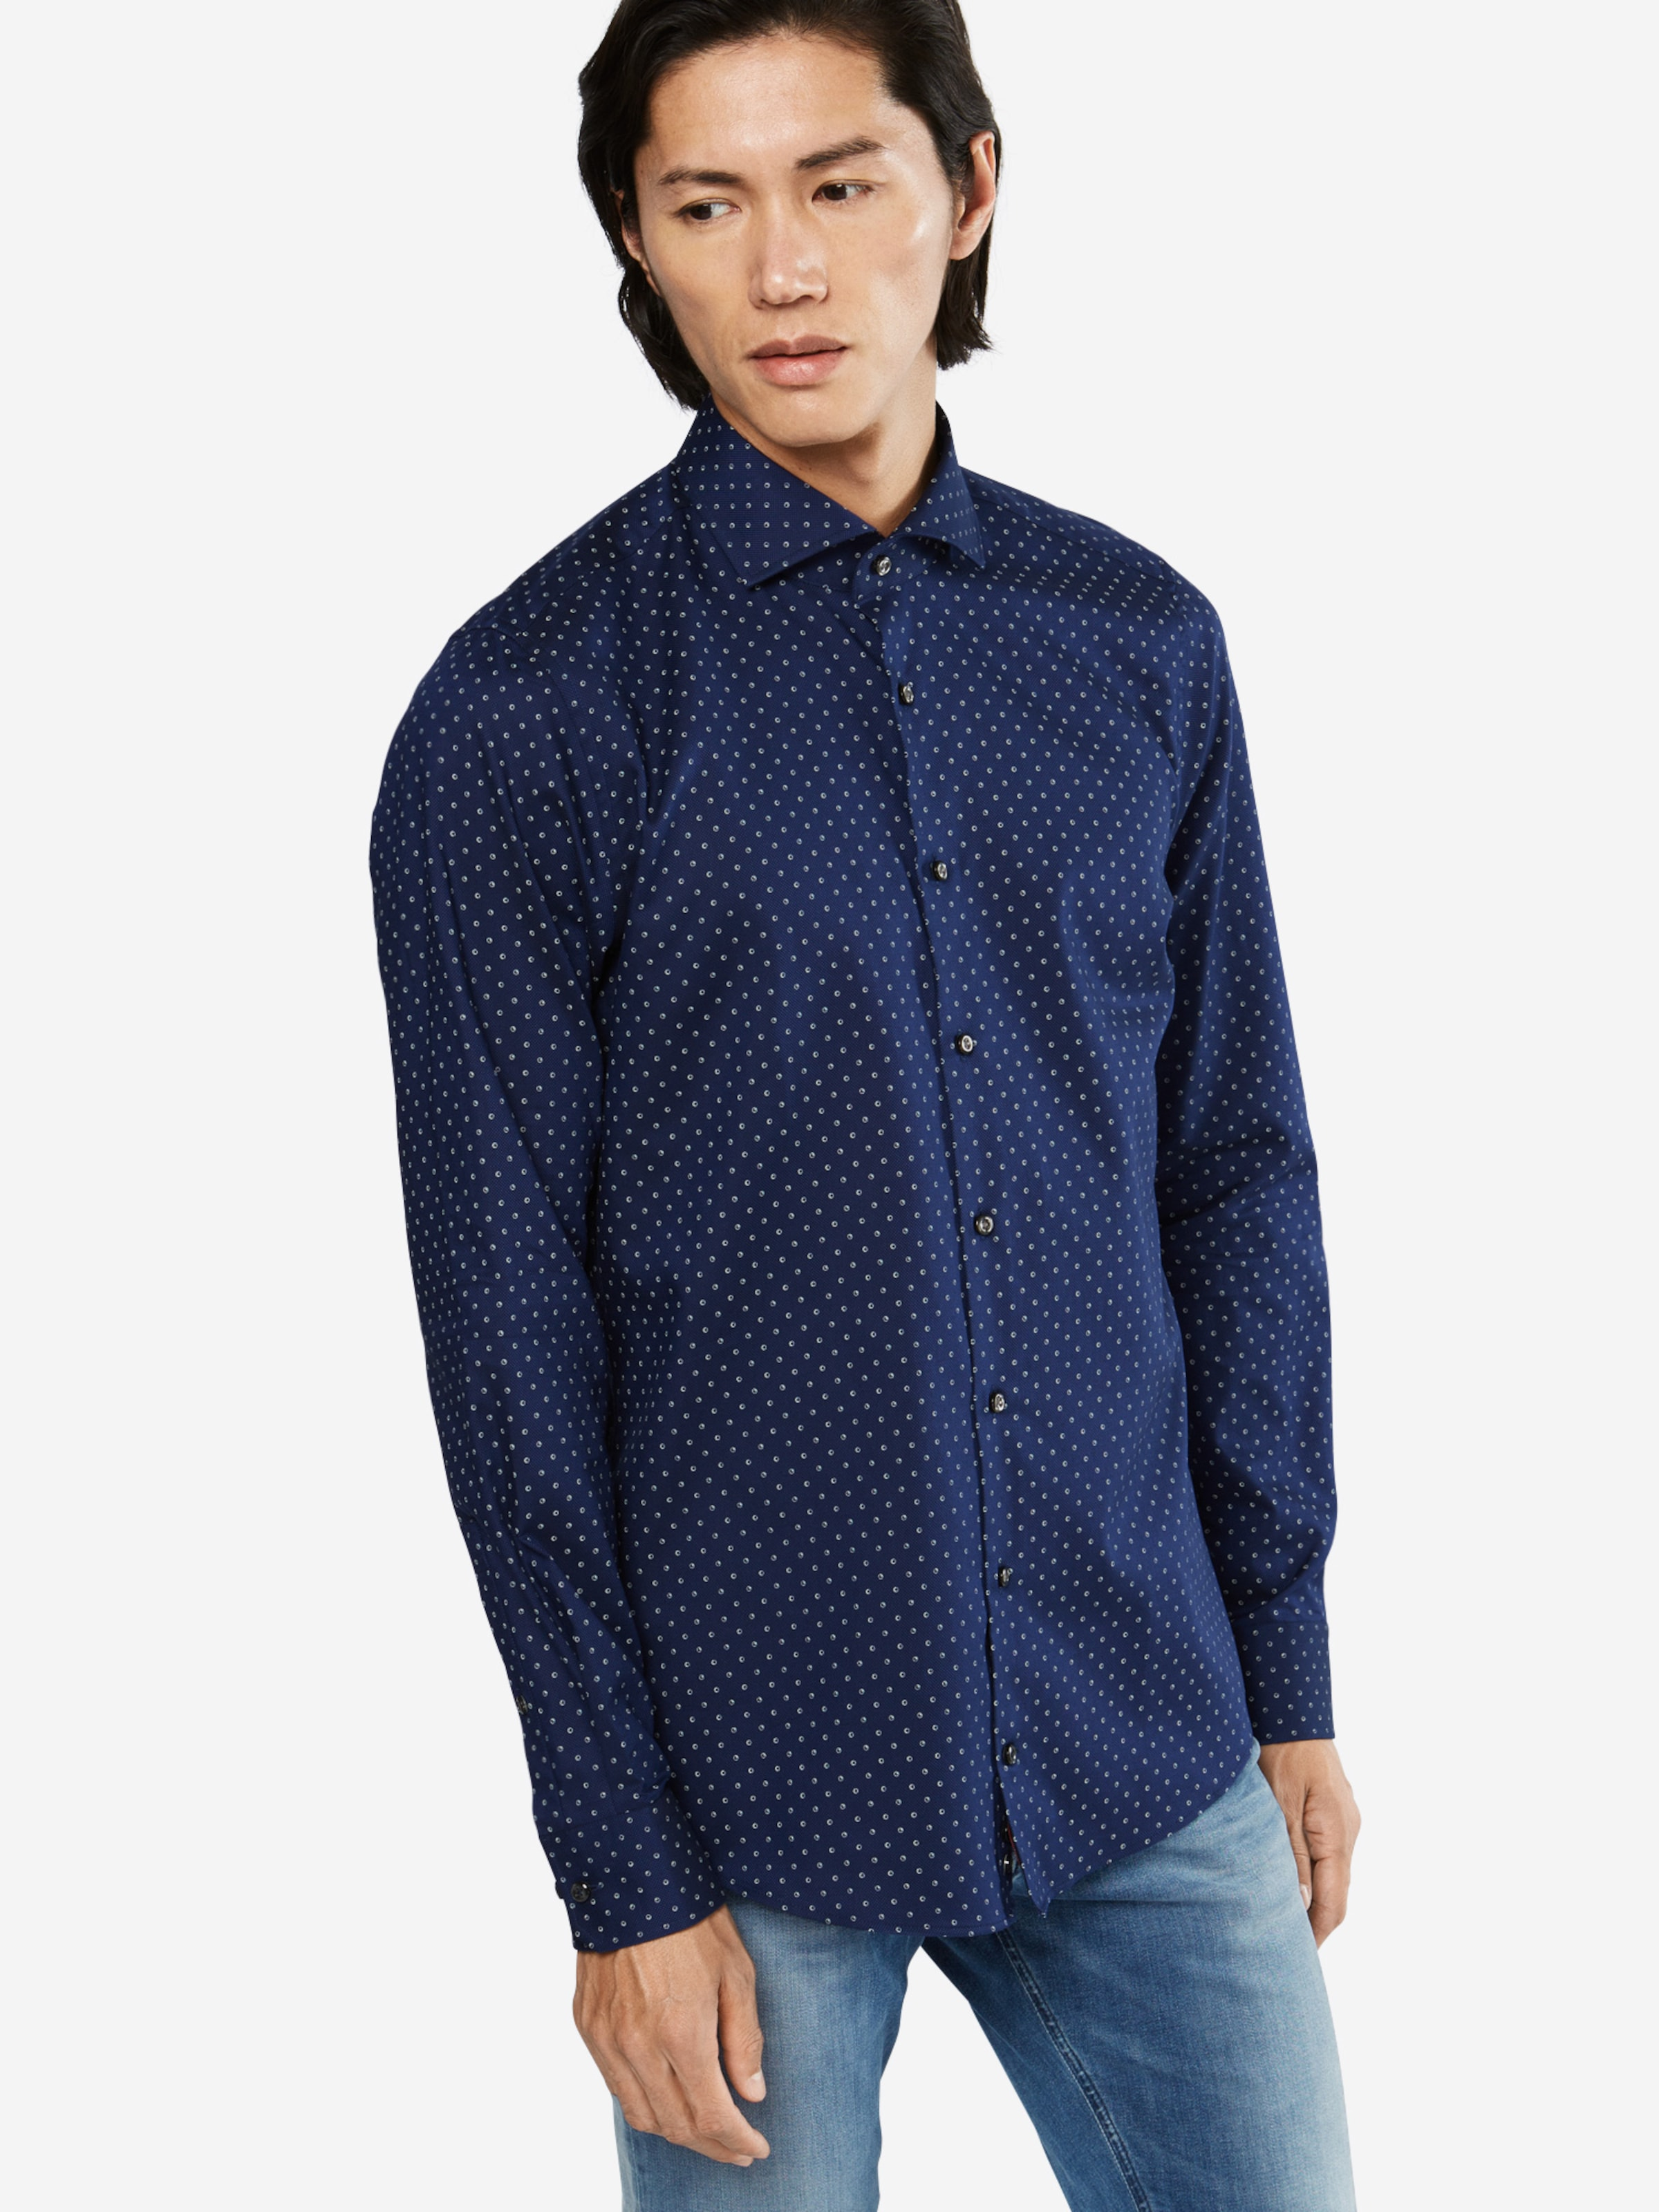 Verkauf Echten Rabatt Online-Shopping JOOP! Slim Fit Hemd 'Panko' Neuer Günstiger Preis vW8cwCMe